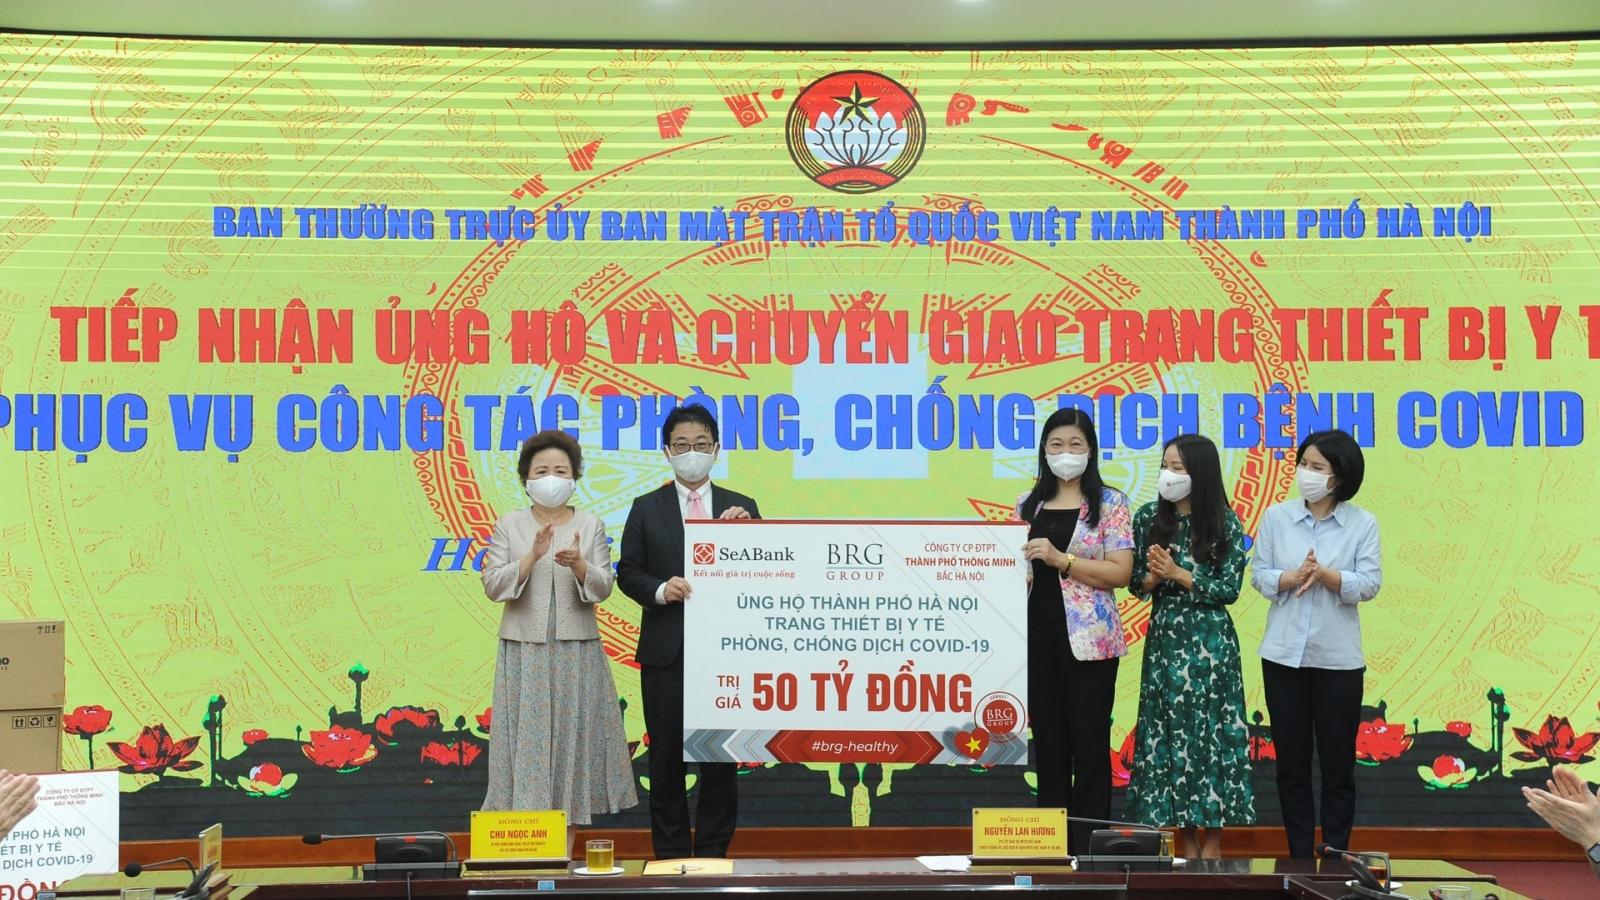 Hà Nội tiếp nhận ủng hộ thiết bị y tế từ các doanh nghiệp trị giá hơn 100 tỷ đồng